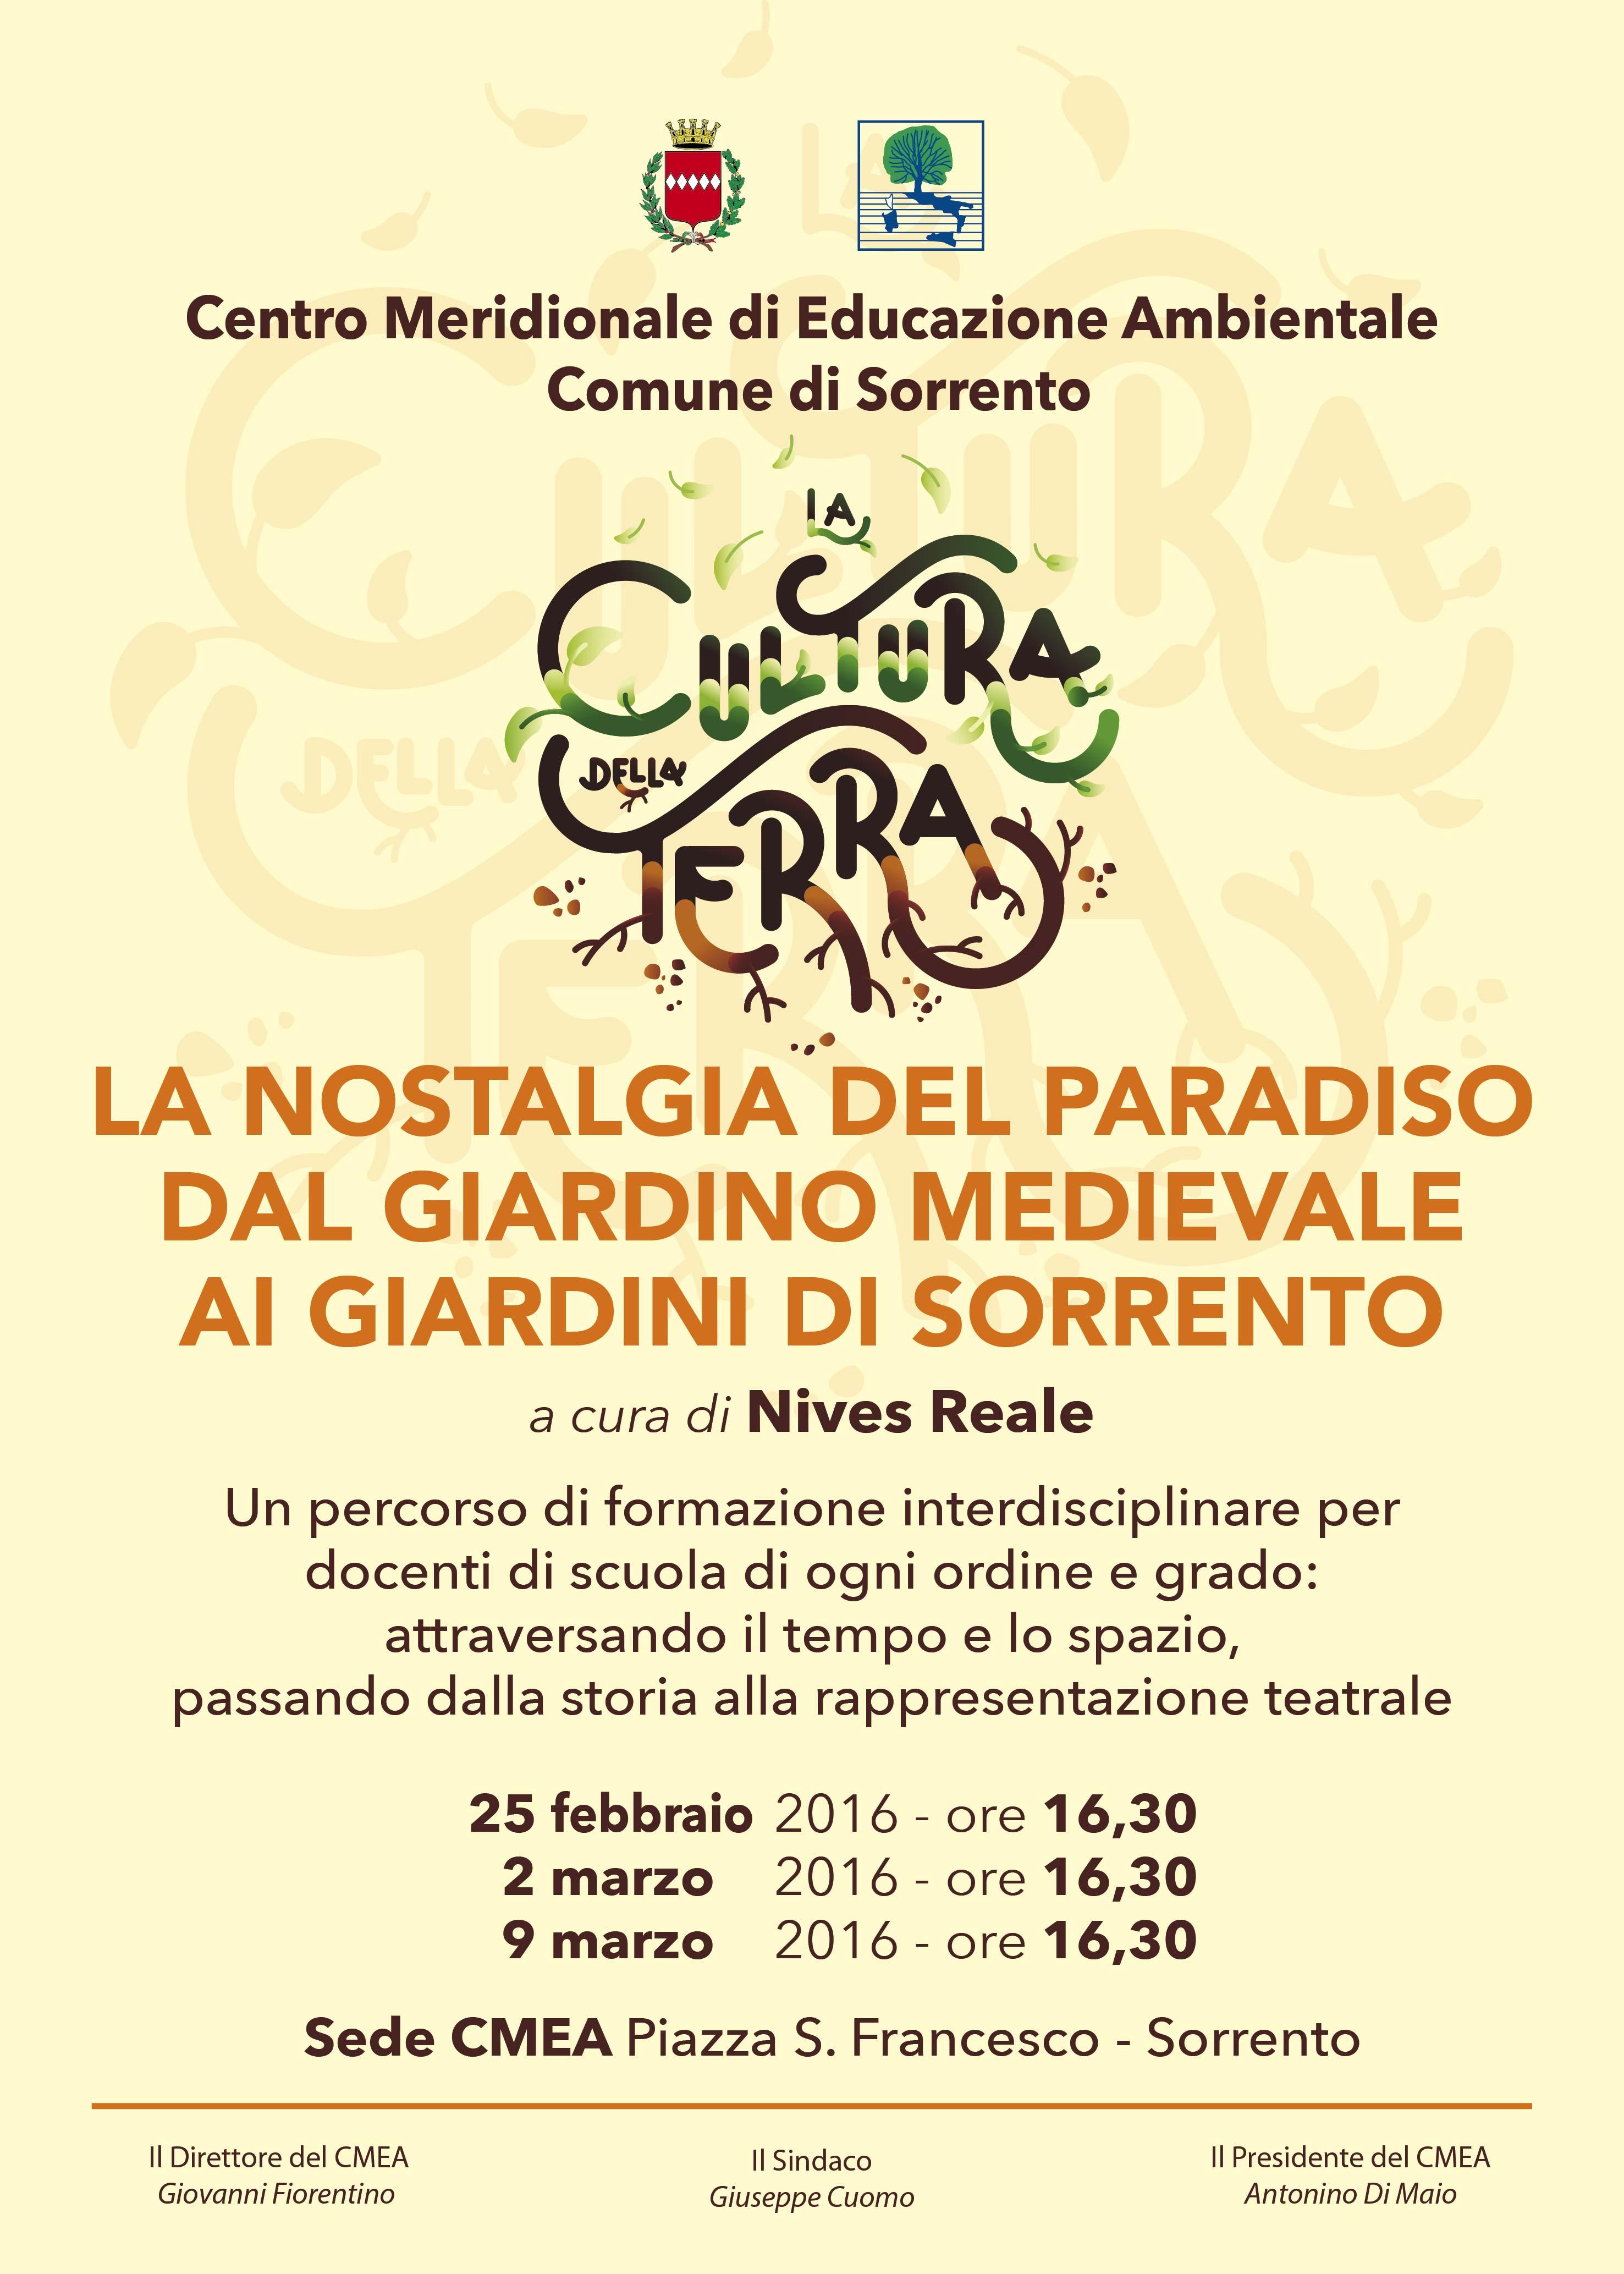 Gioved¬ 25 febbraio 2016 si apre il ciclo di lezioni dedicato ai giardini di Sorrento ideato e curato da Nives Reale